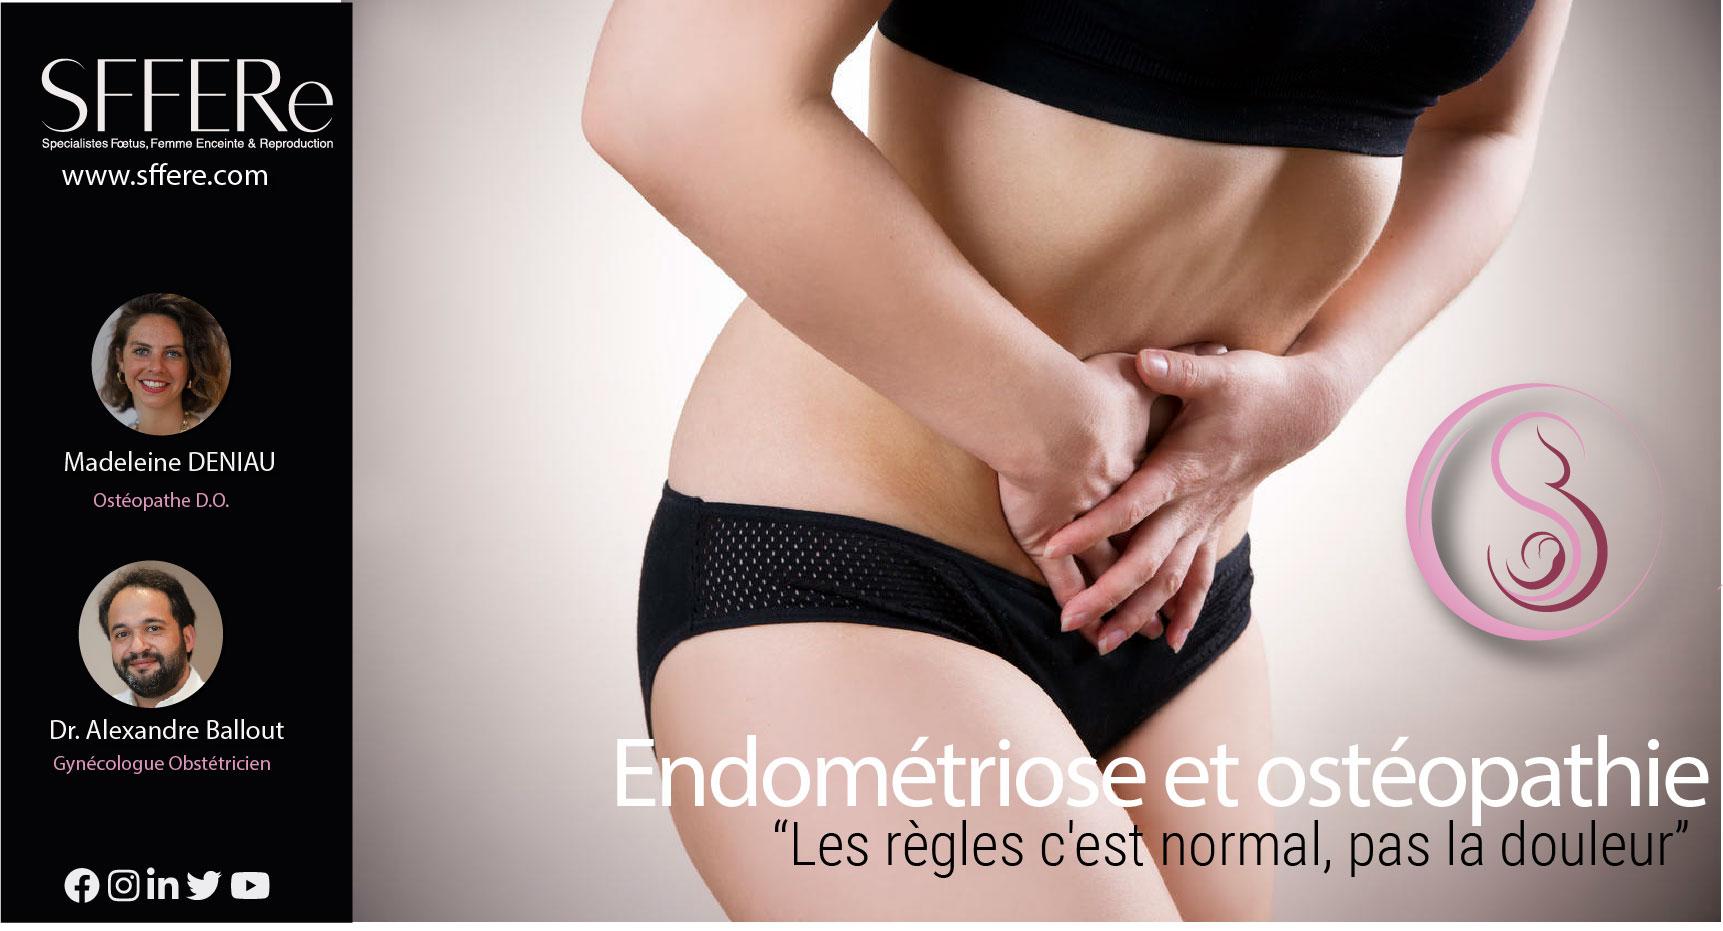 Endométriose et ostéopathie (2)